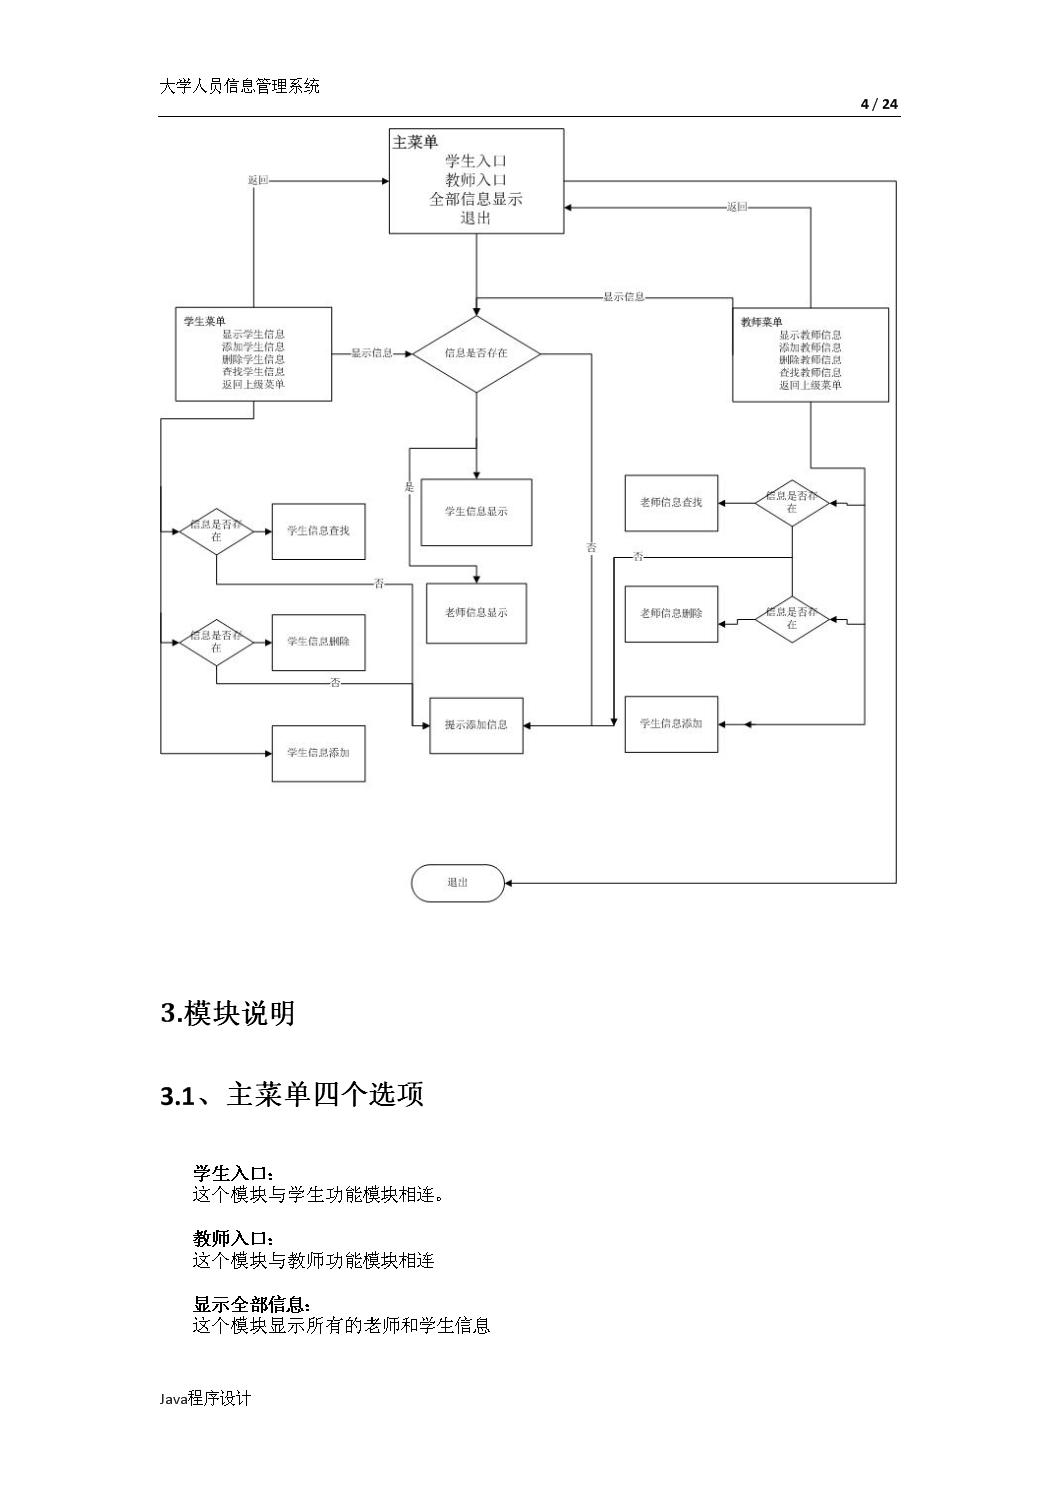 Java课设:人员信息管理系统